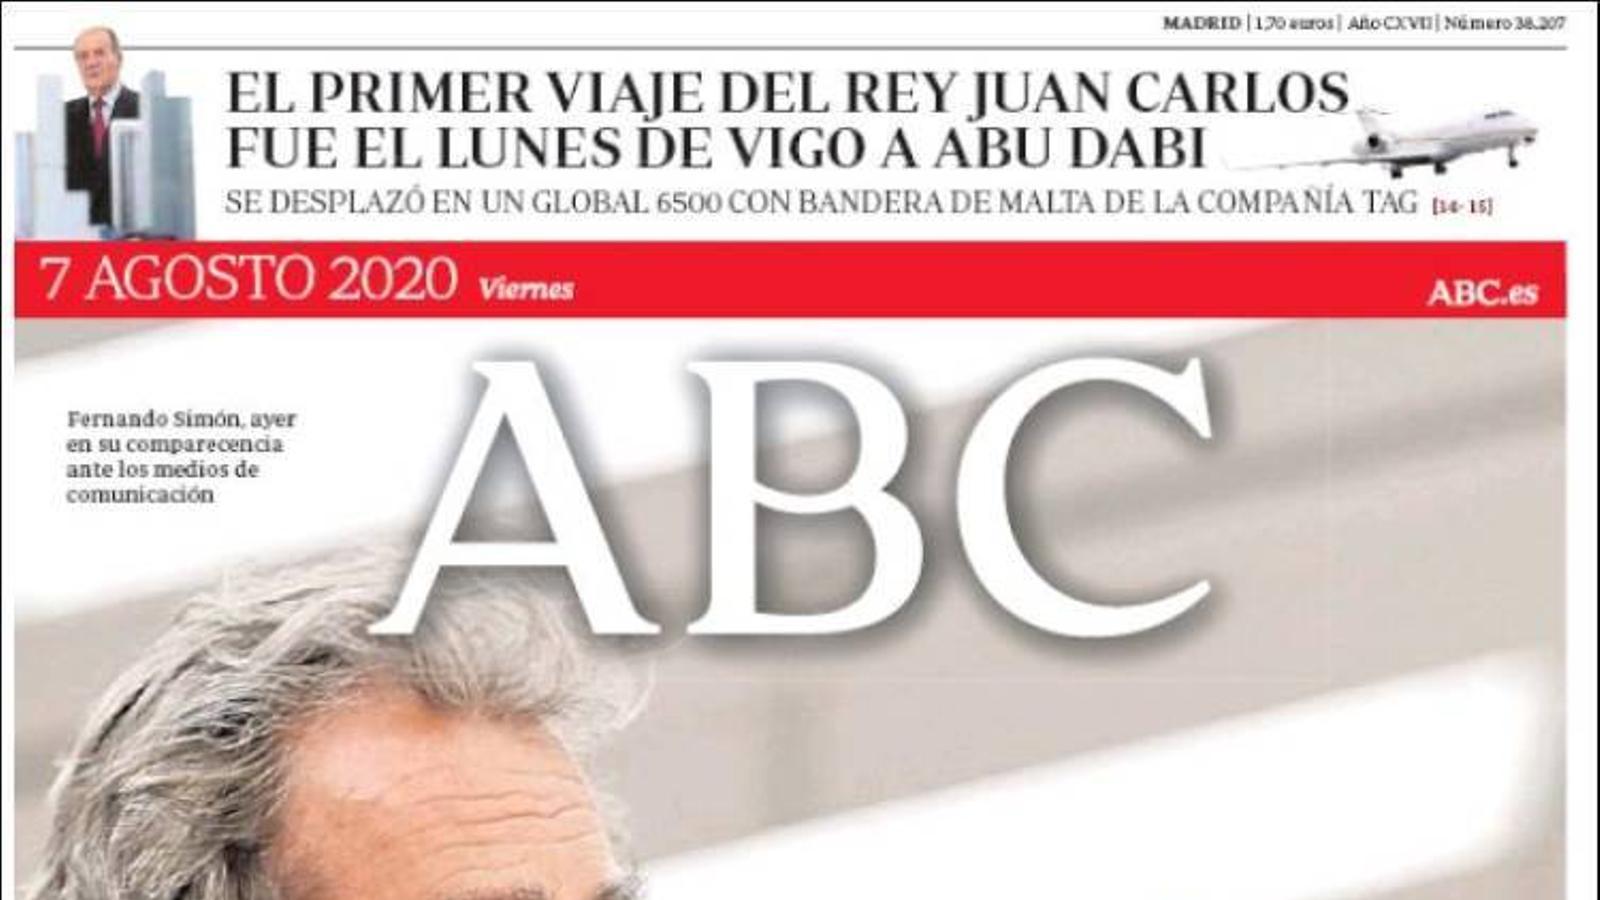 La portada de l''Abc' del 7 d'agost de 2020